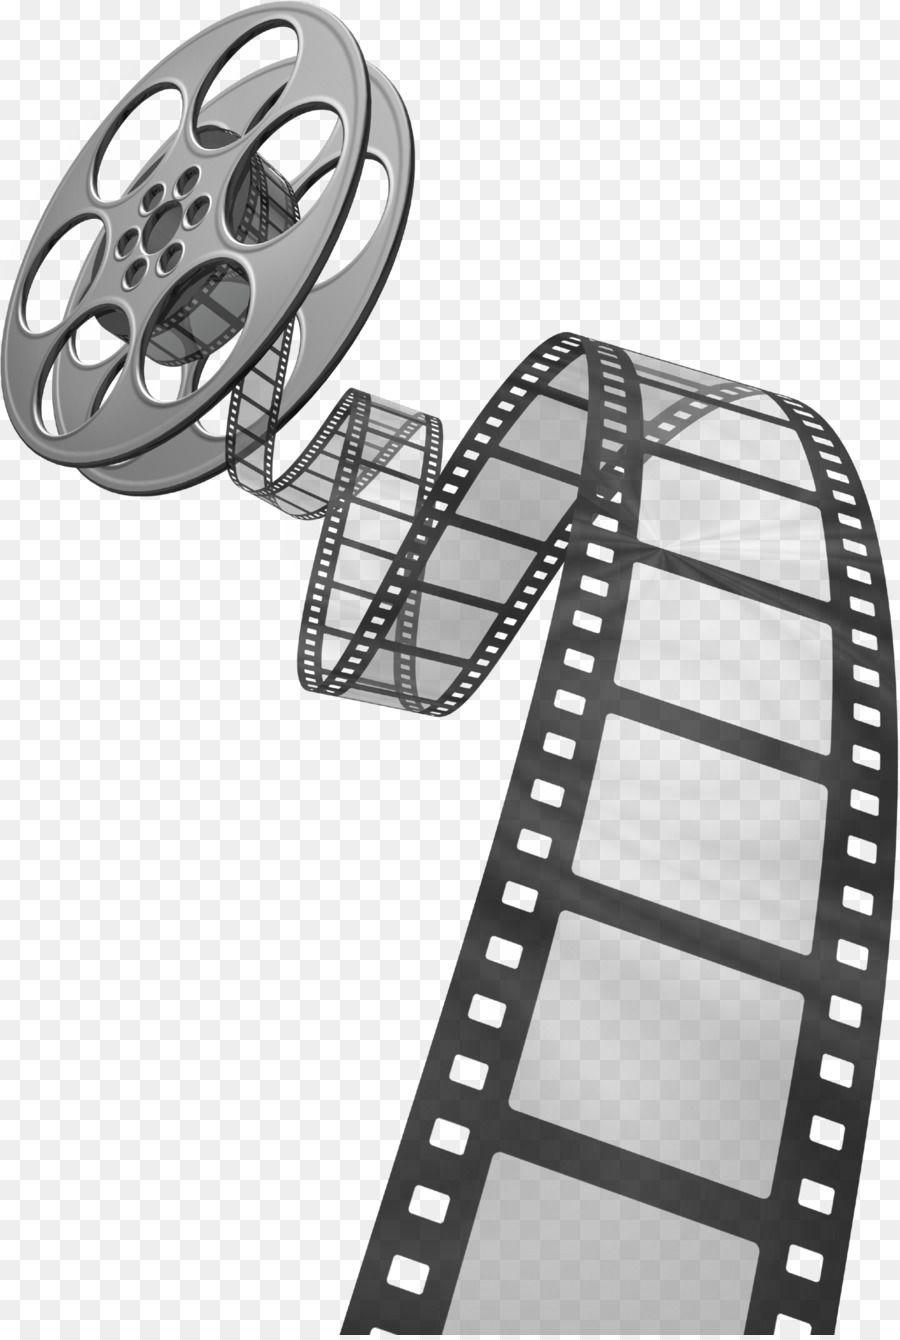 Movie Reel Png Movie Reels Film Reels Photographic Film